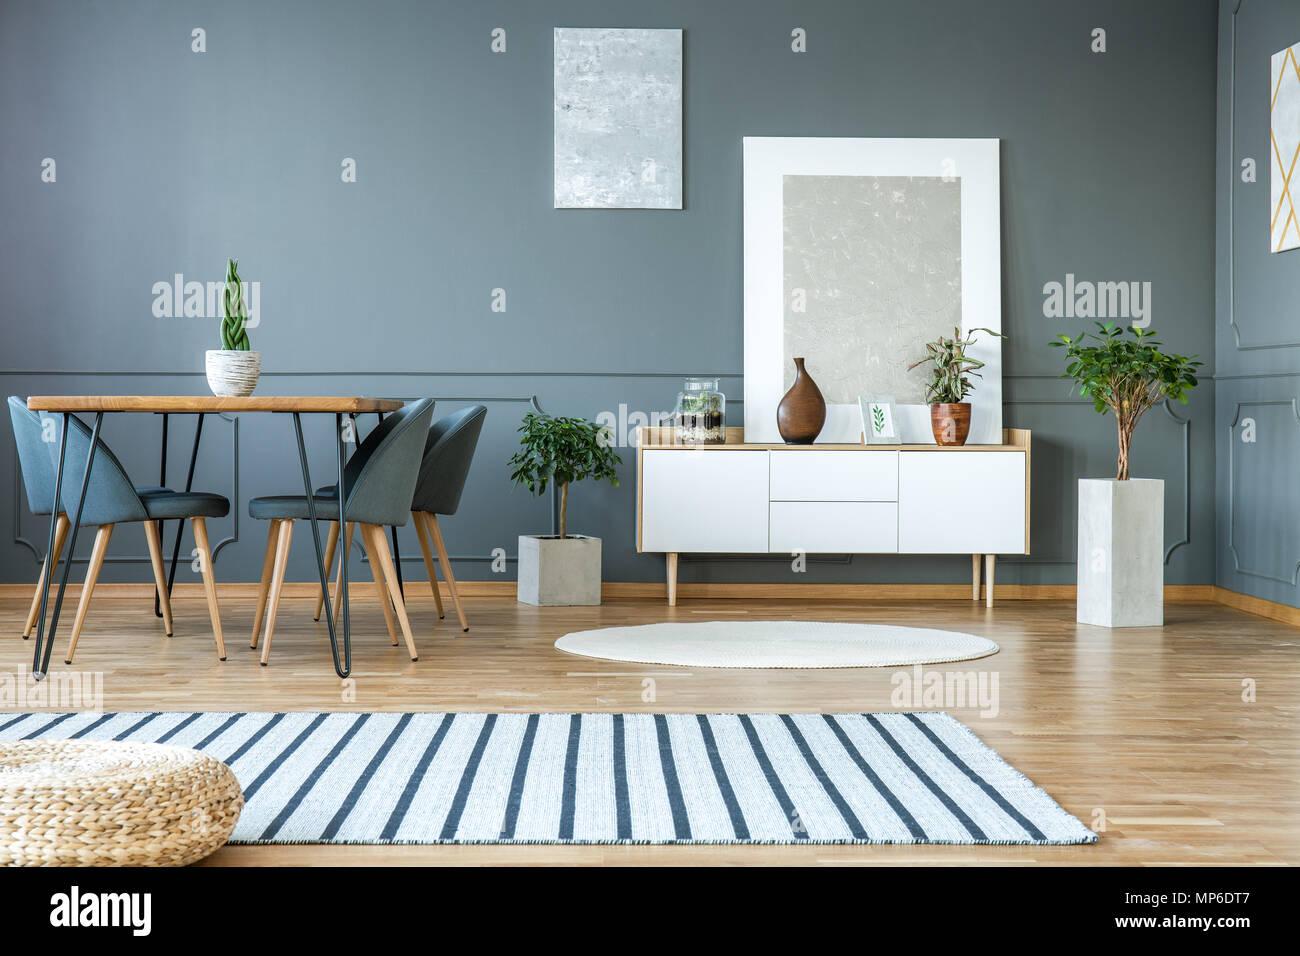 Credenza Moderna Sala : Pittura moderna permanente sulla credenza bianco con decorazioni e